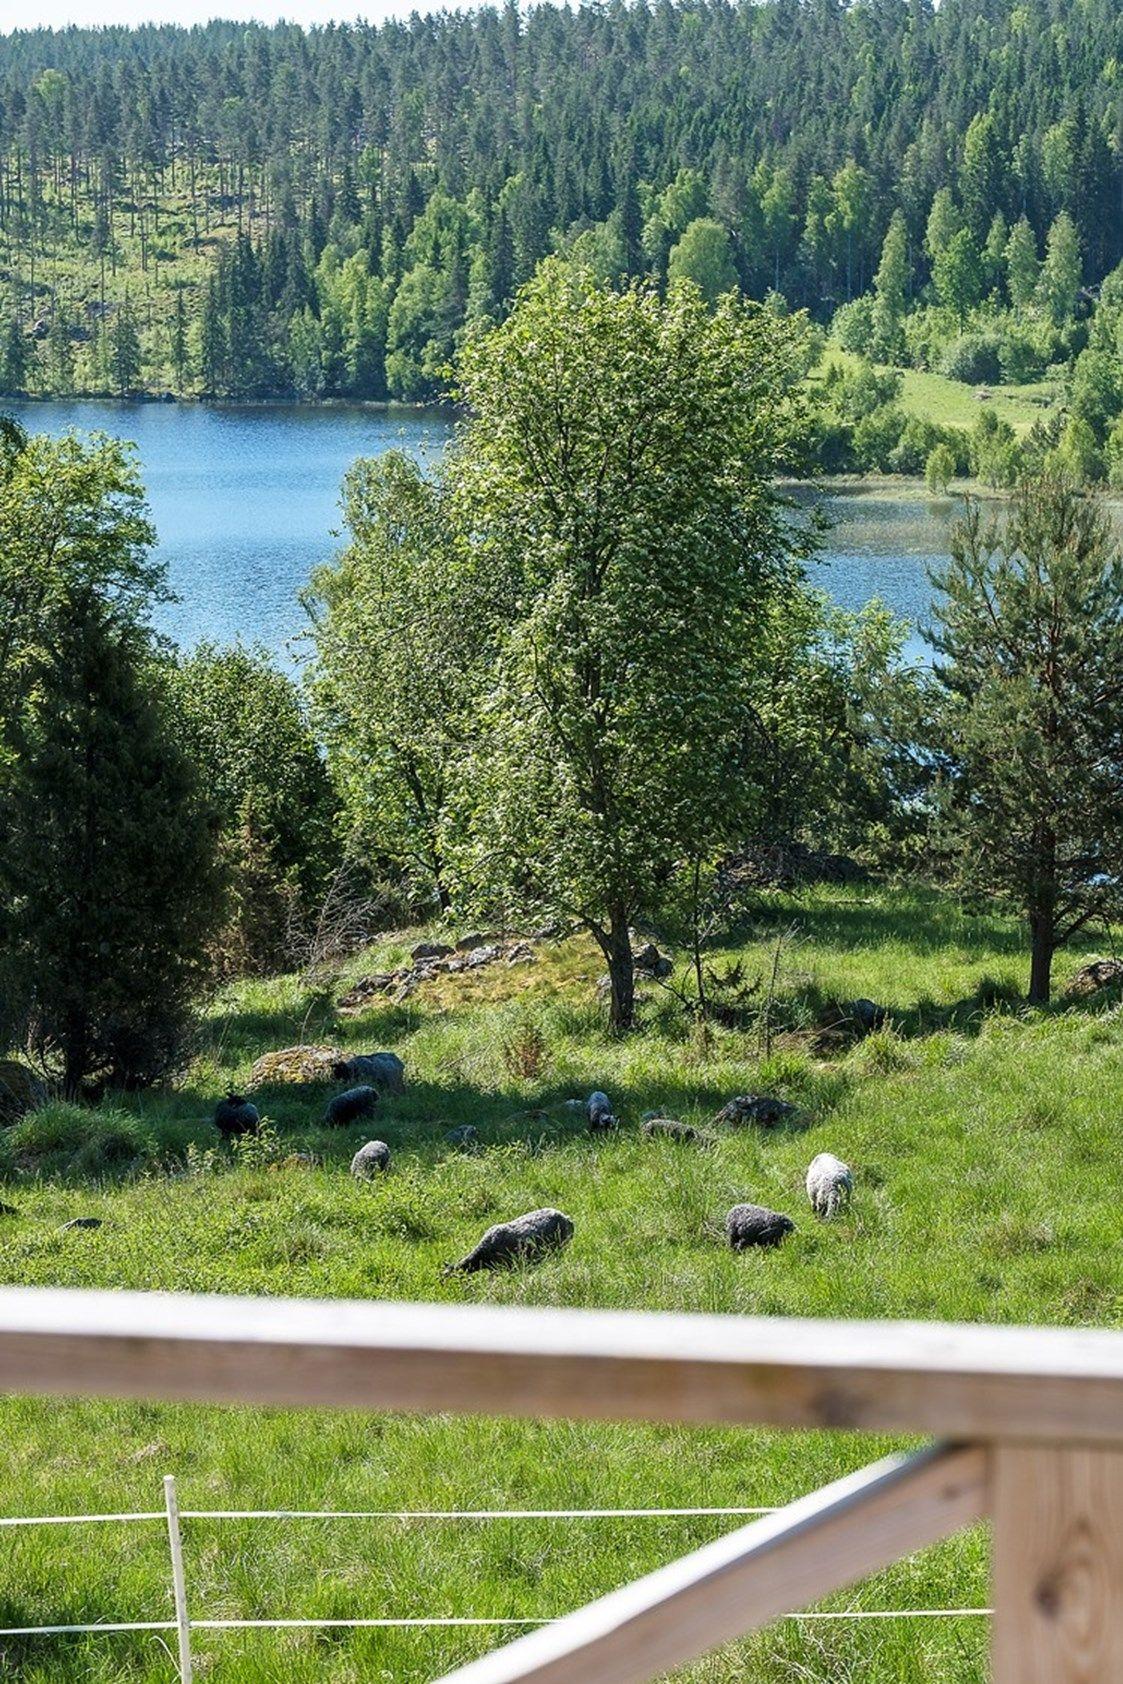 Övertänger 429 - Hus & villor till salu i Enviken   Länsförsäkringar Fastighetsförmedling